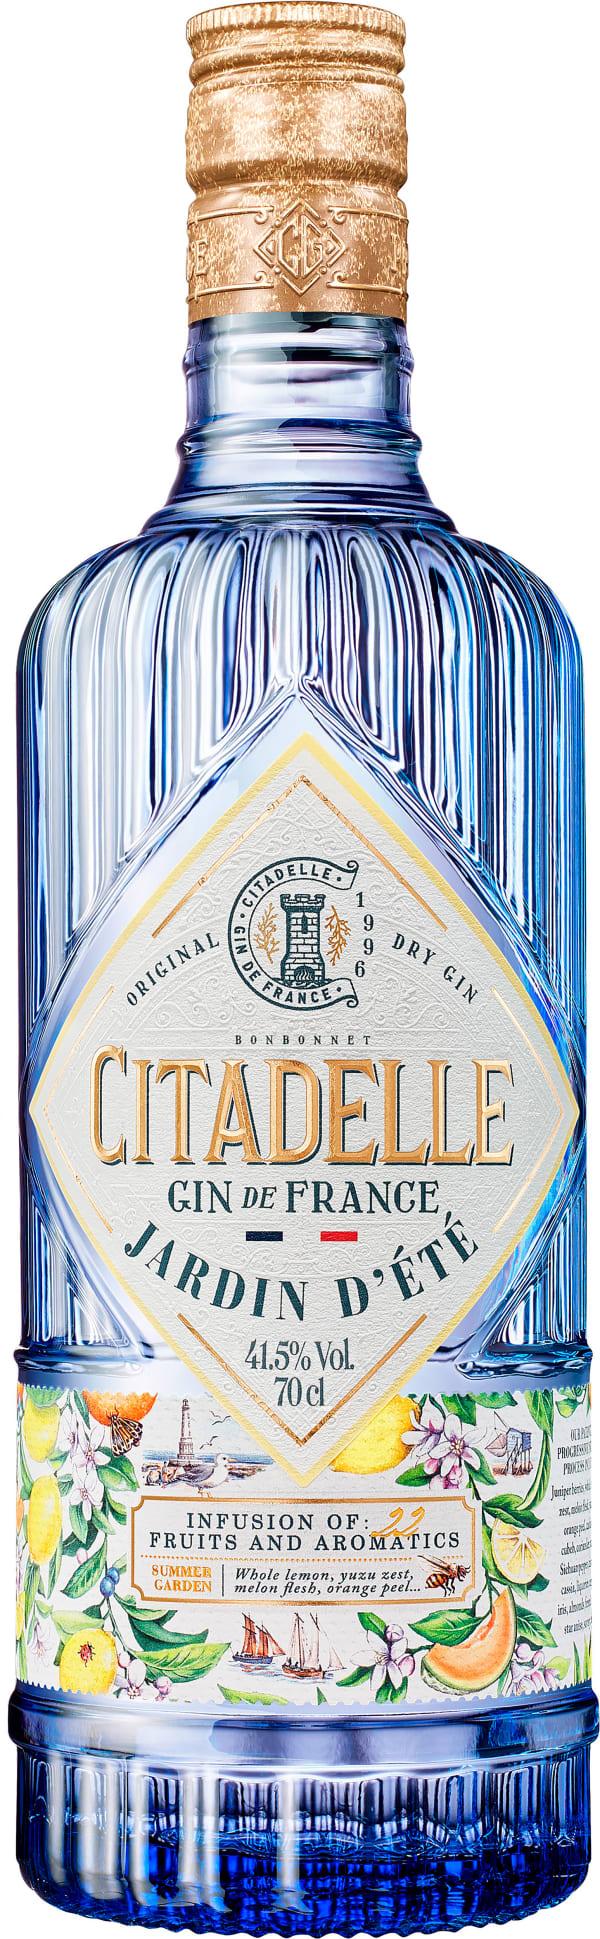 Gin Citadelle Jardin d´été